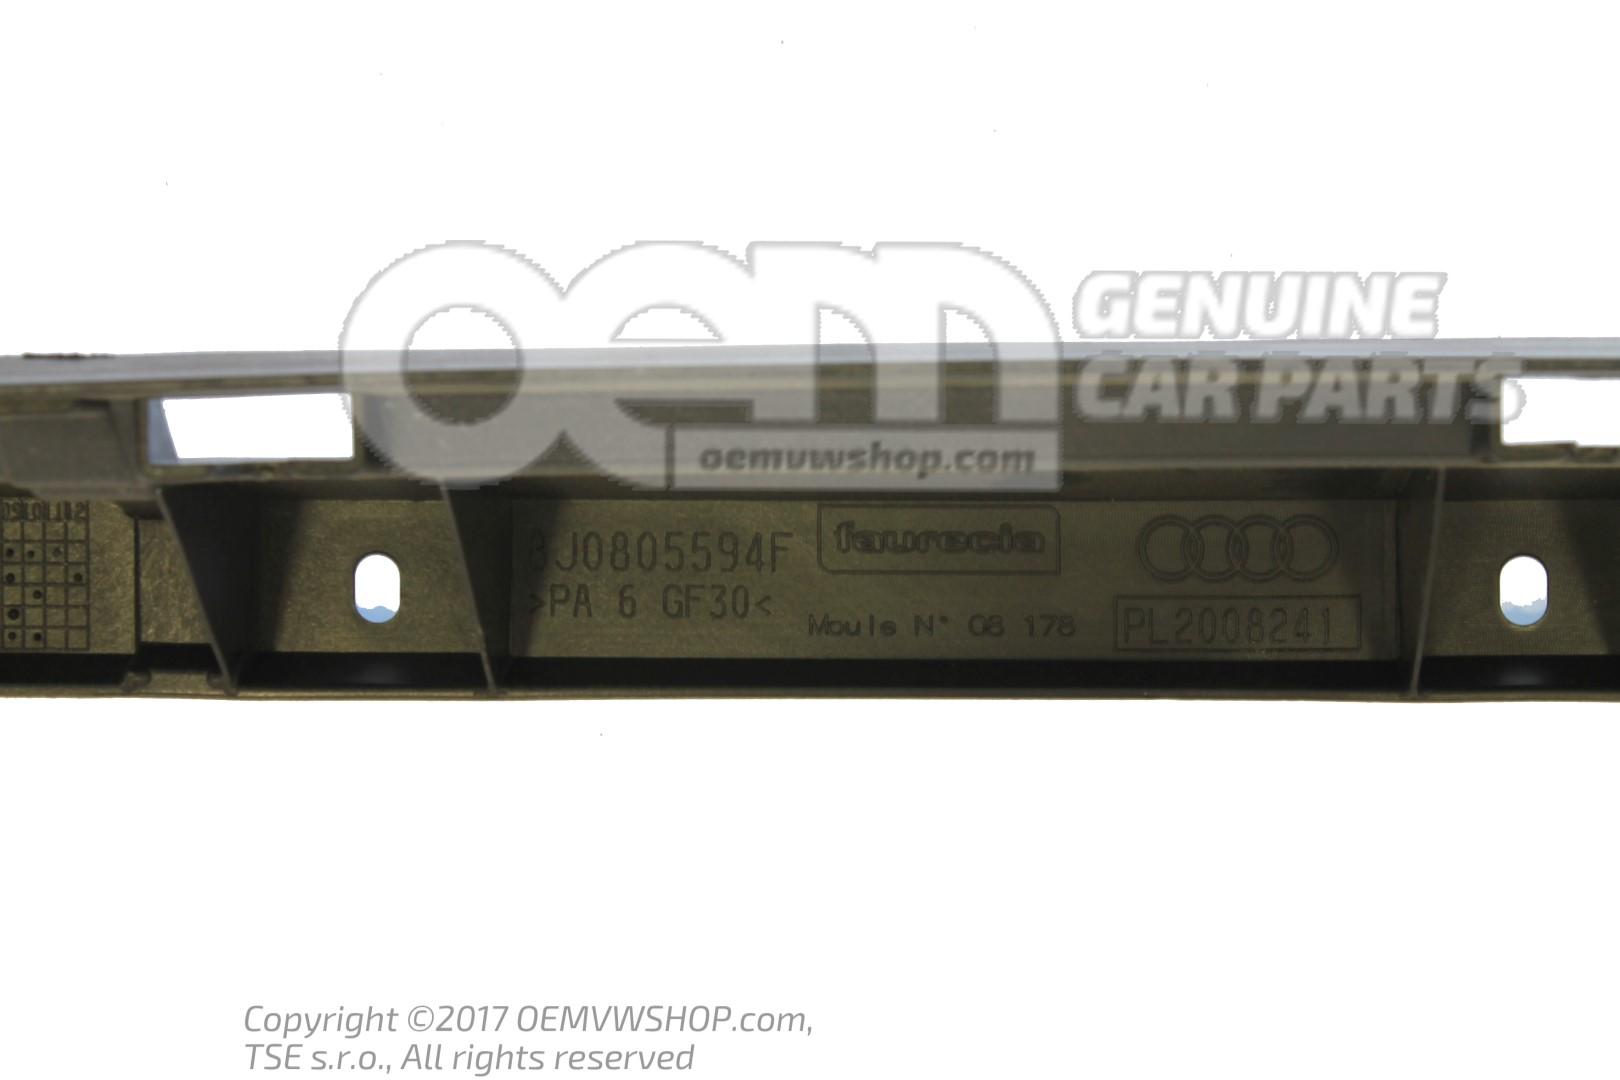 NEW AUDI TT 8J RADIATOR SUPPORT LOCK CARRIER 8J0805594G OEM